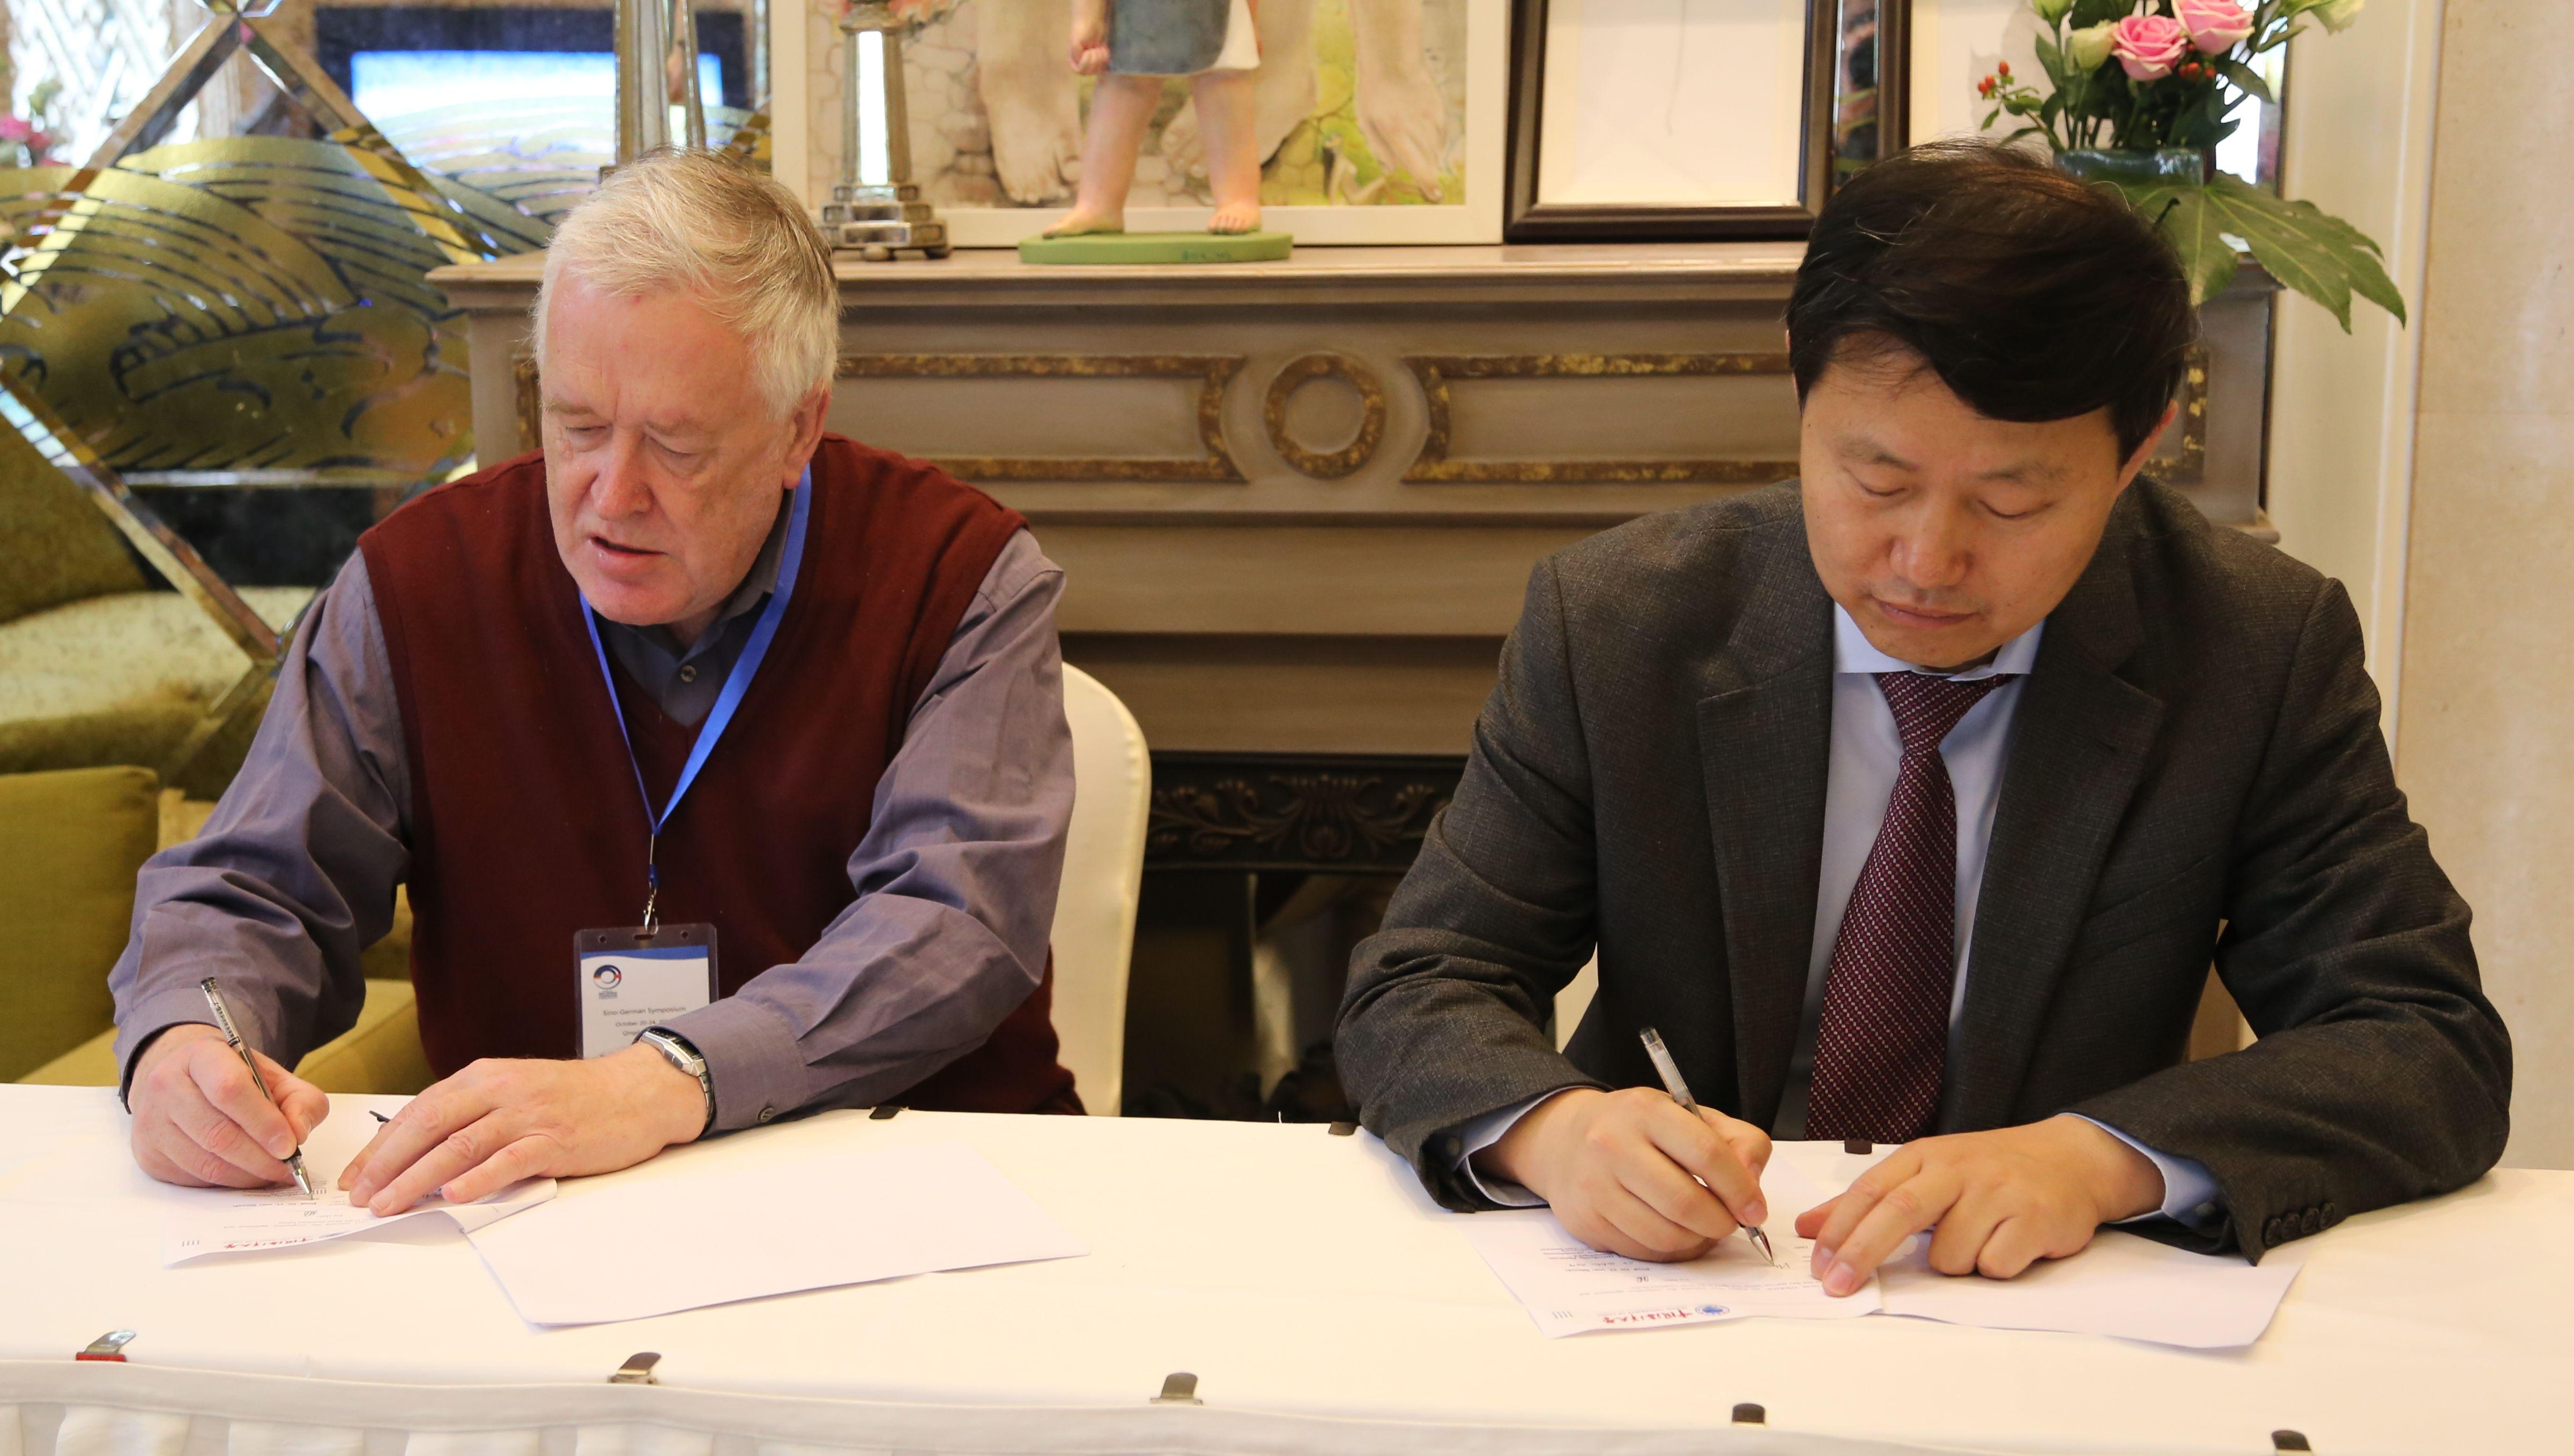 20 October 2014 Signature of Memorandum of Understanding between Ocean University of China 中国海洋大学 Qingdao and Institut für Küstenforschung